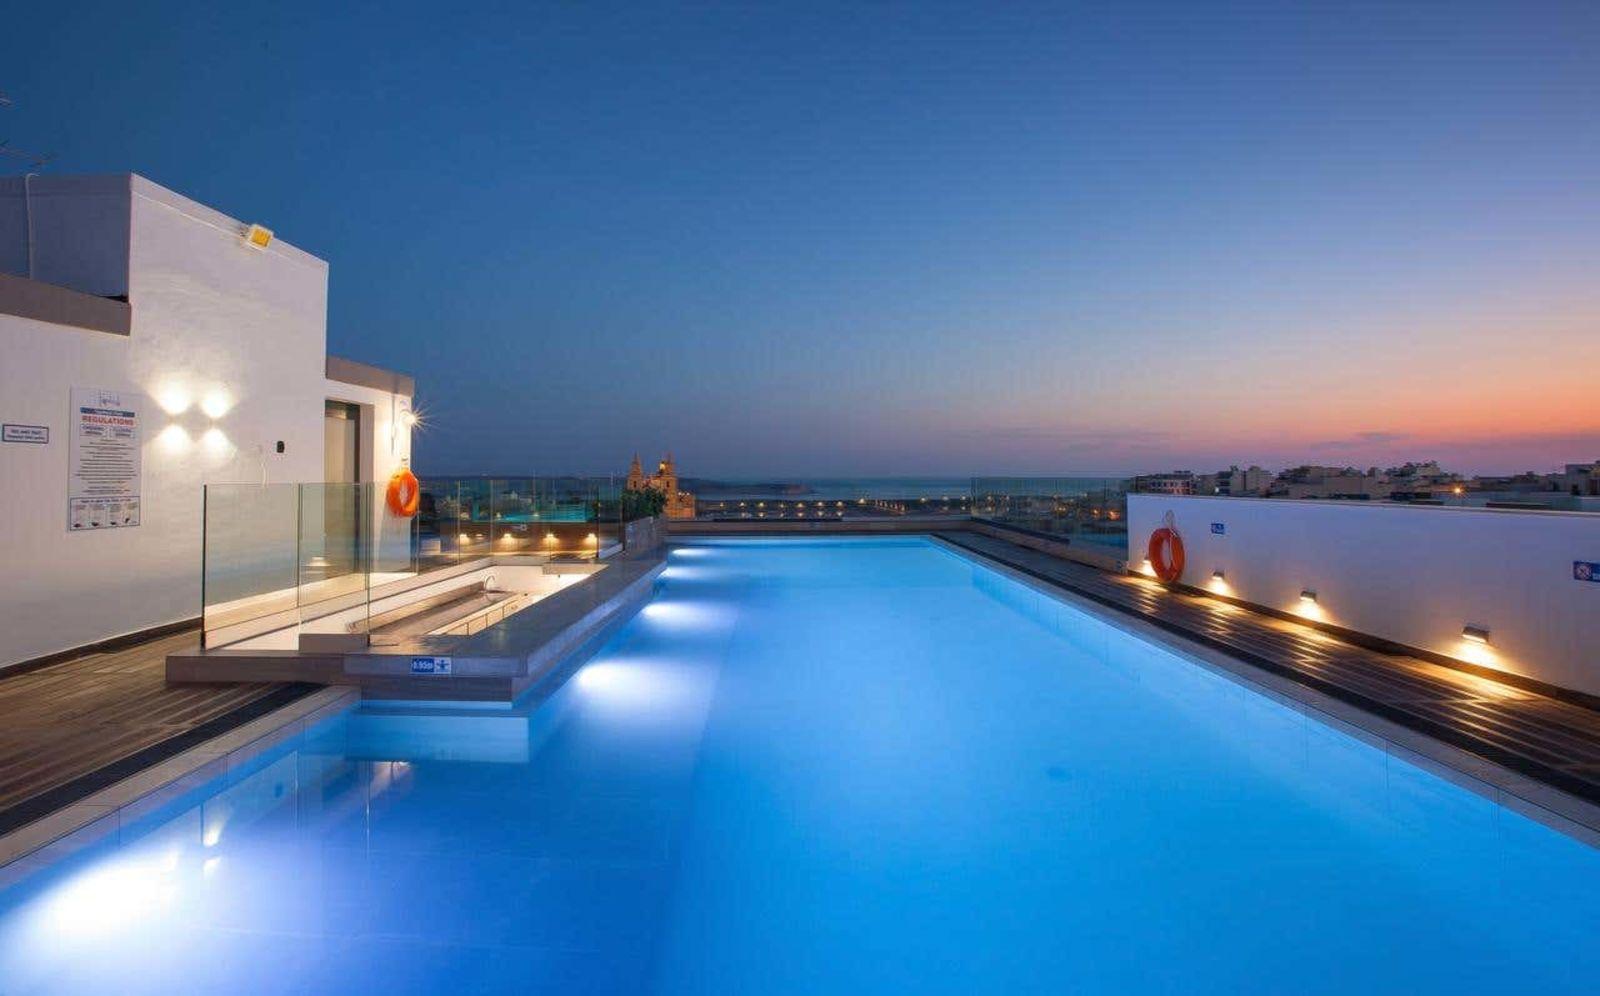 Solana hotel, Love Holidays